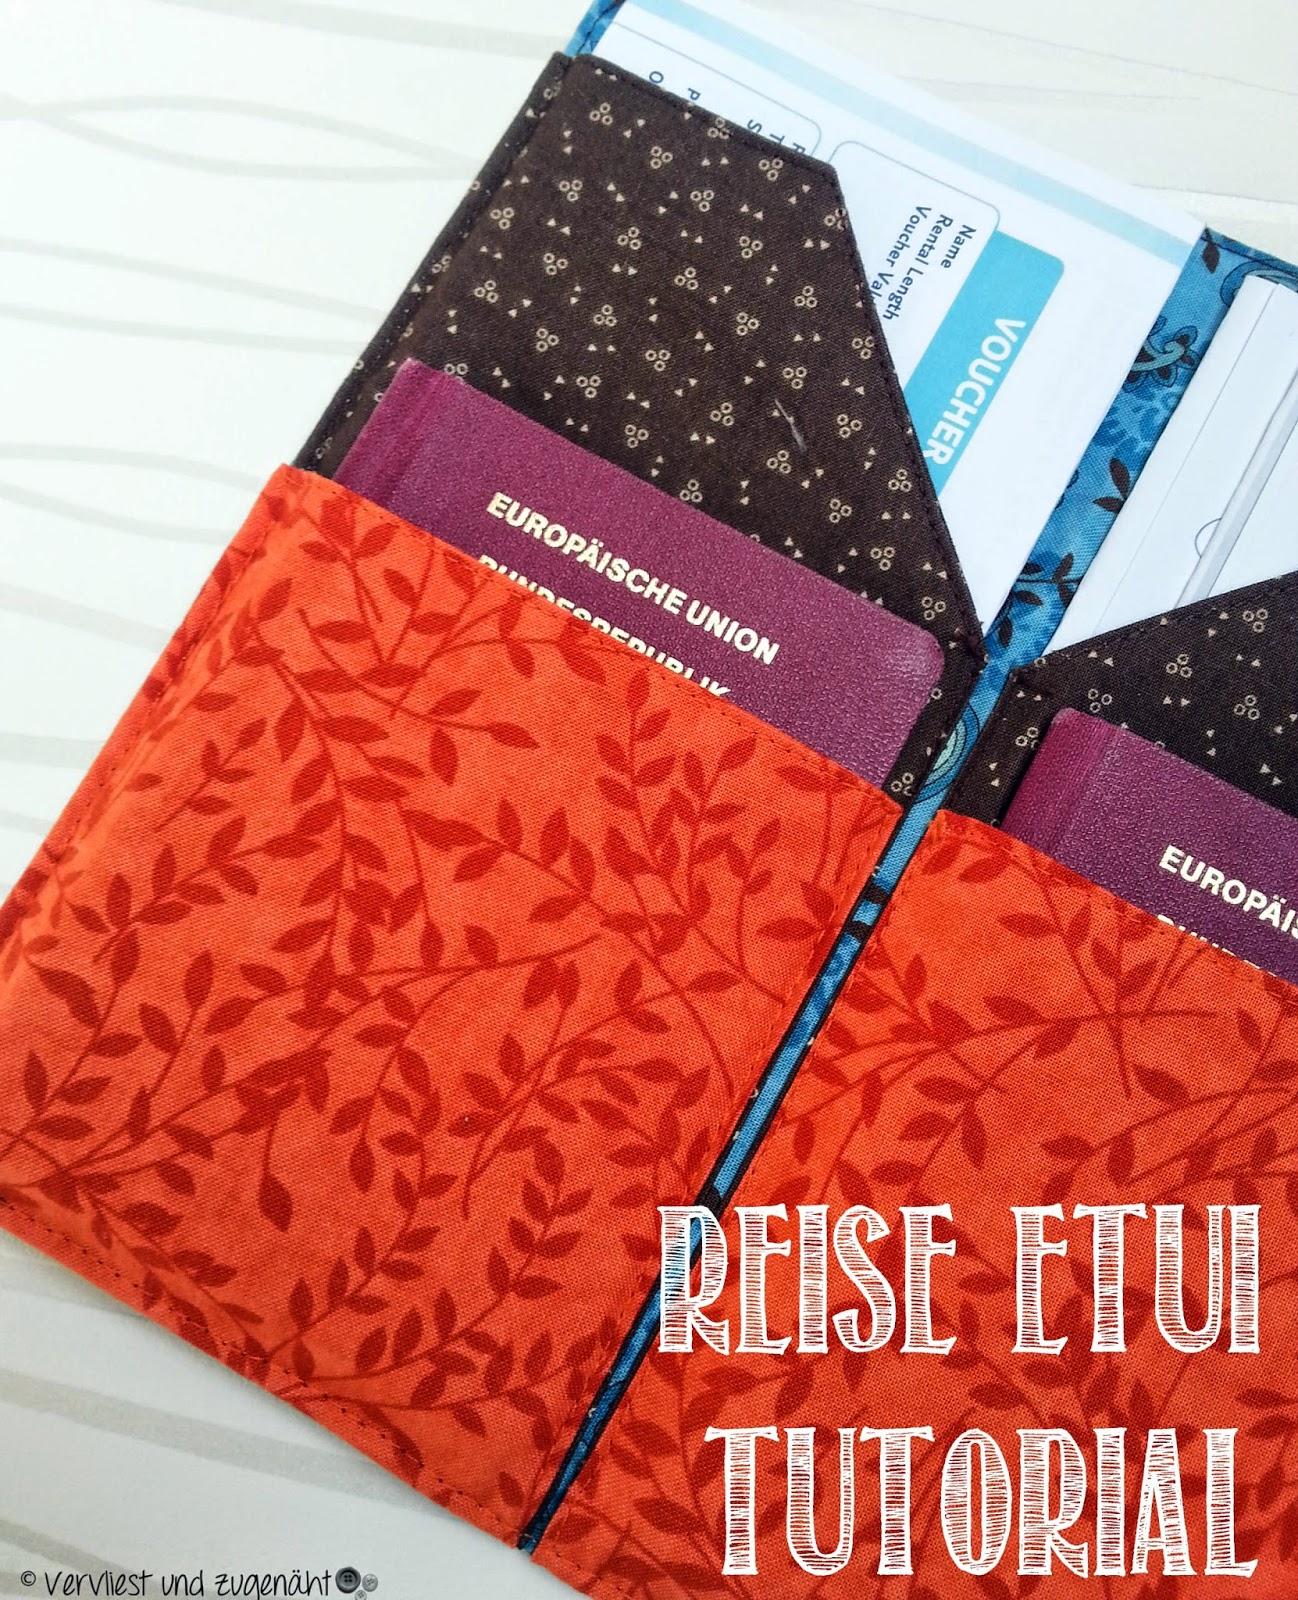 http://vervliestundzugenaeht.blogspot.de/2014/06/reise-etui-tutorial.html#more